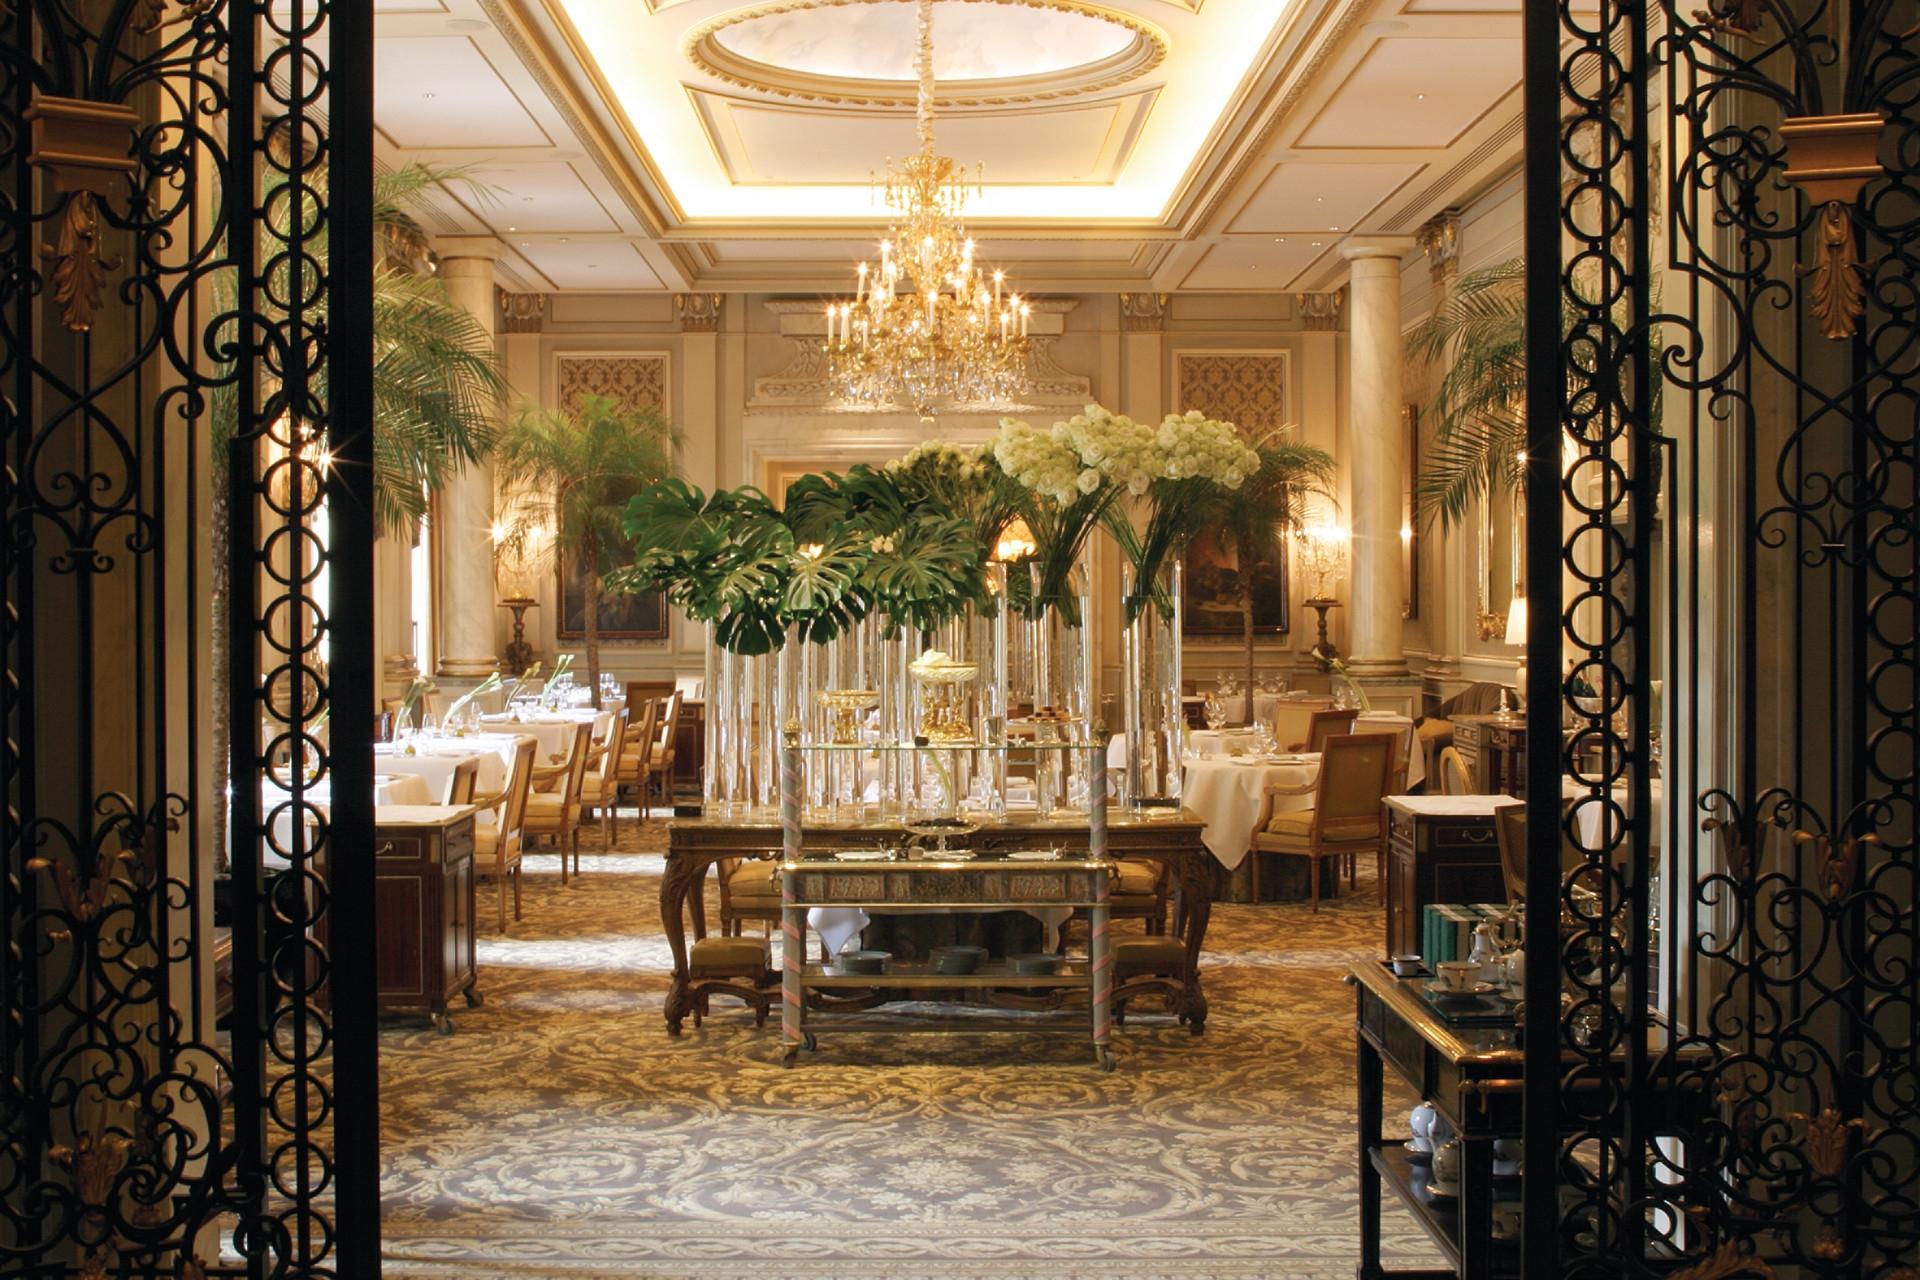 best luxurious restaurants in paris le cinq maison et objet Where to Eat in Paris during Maison et Objet - A Michelin Guide le cinq